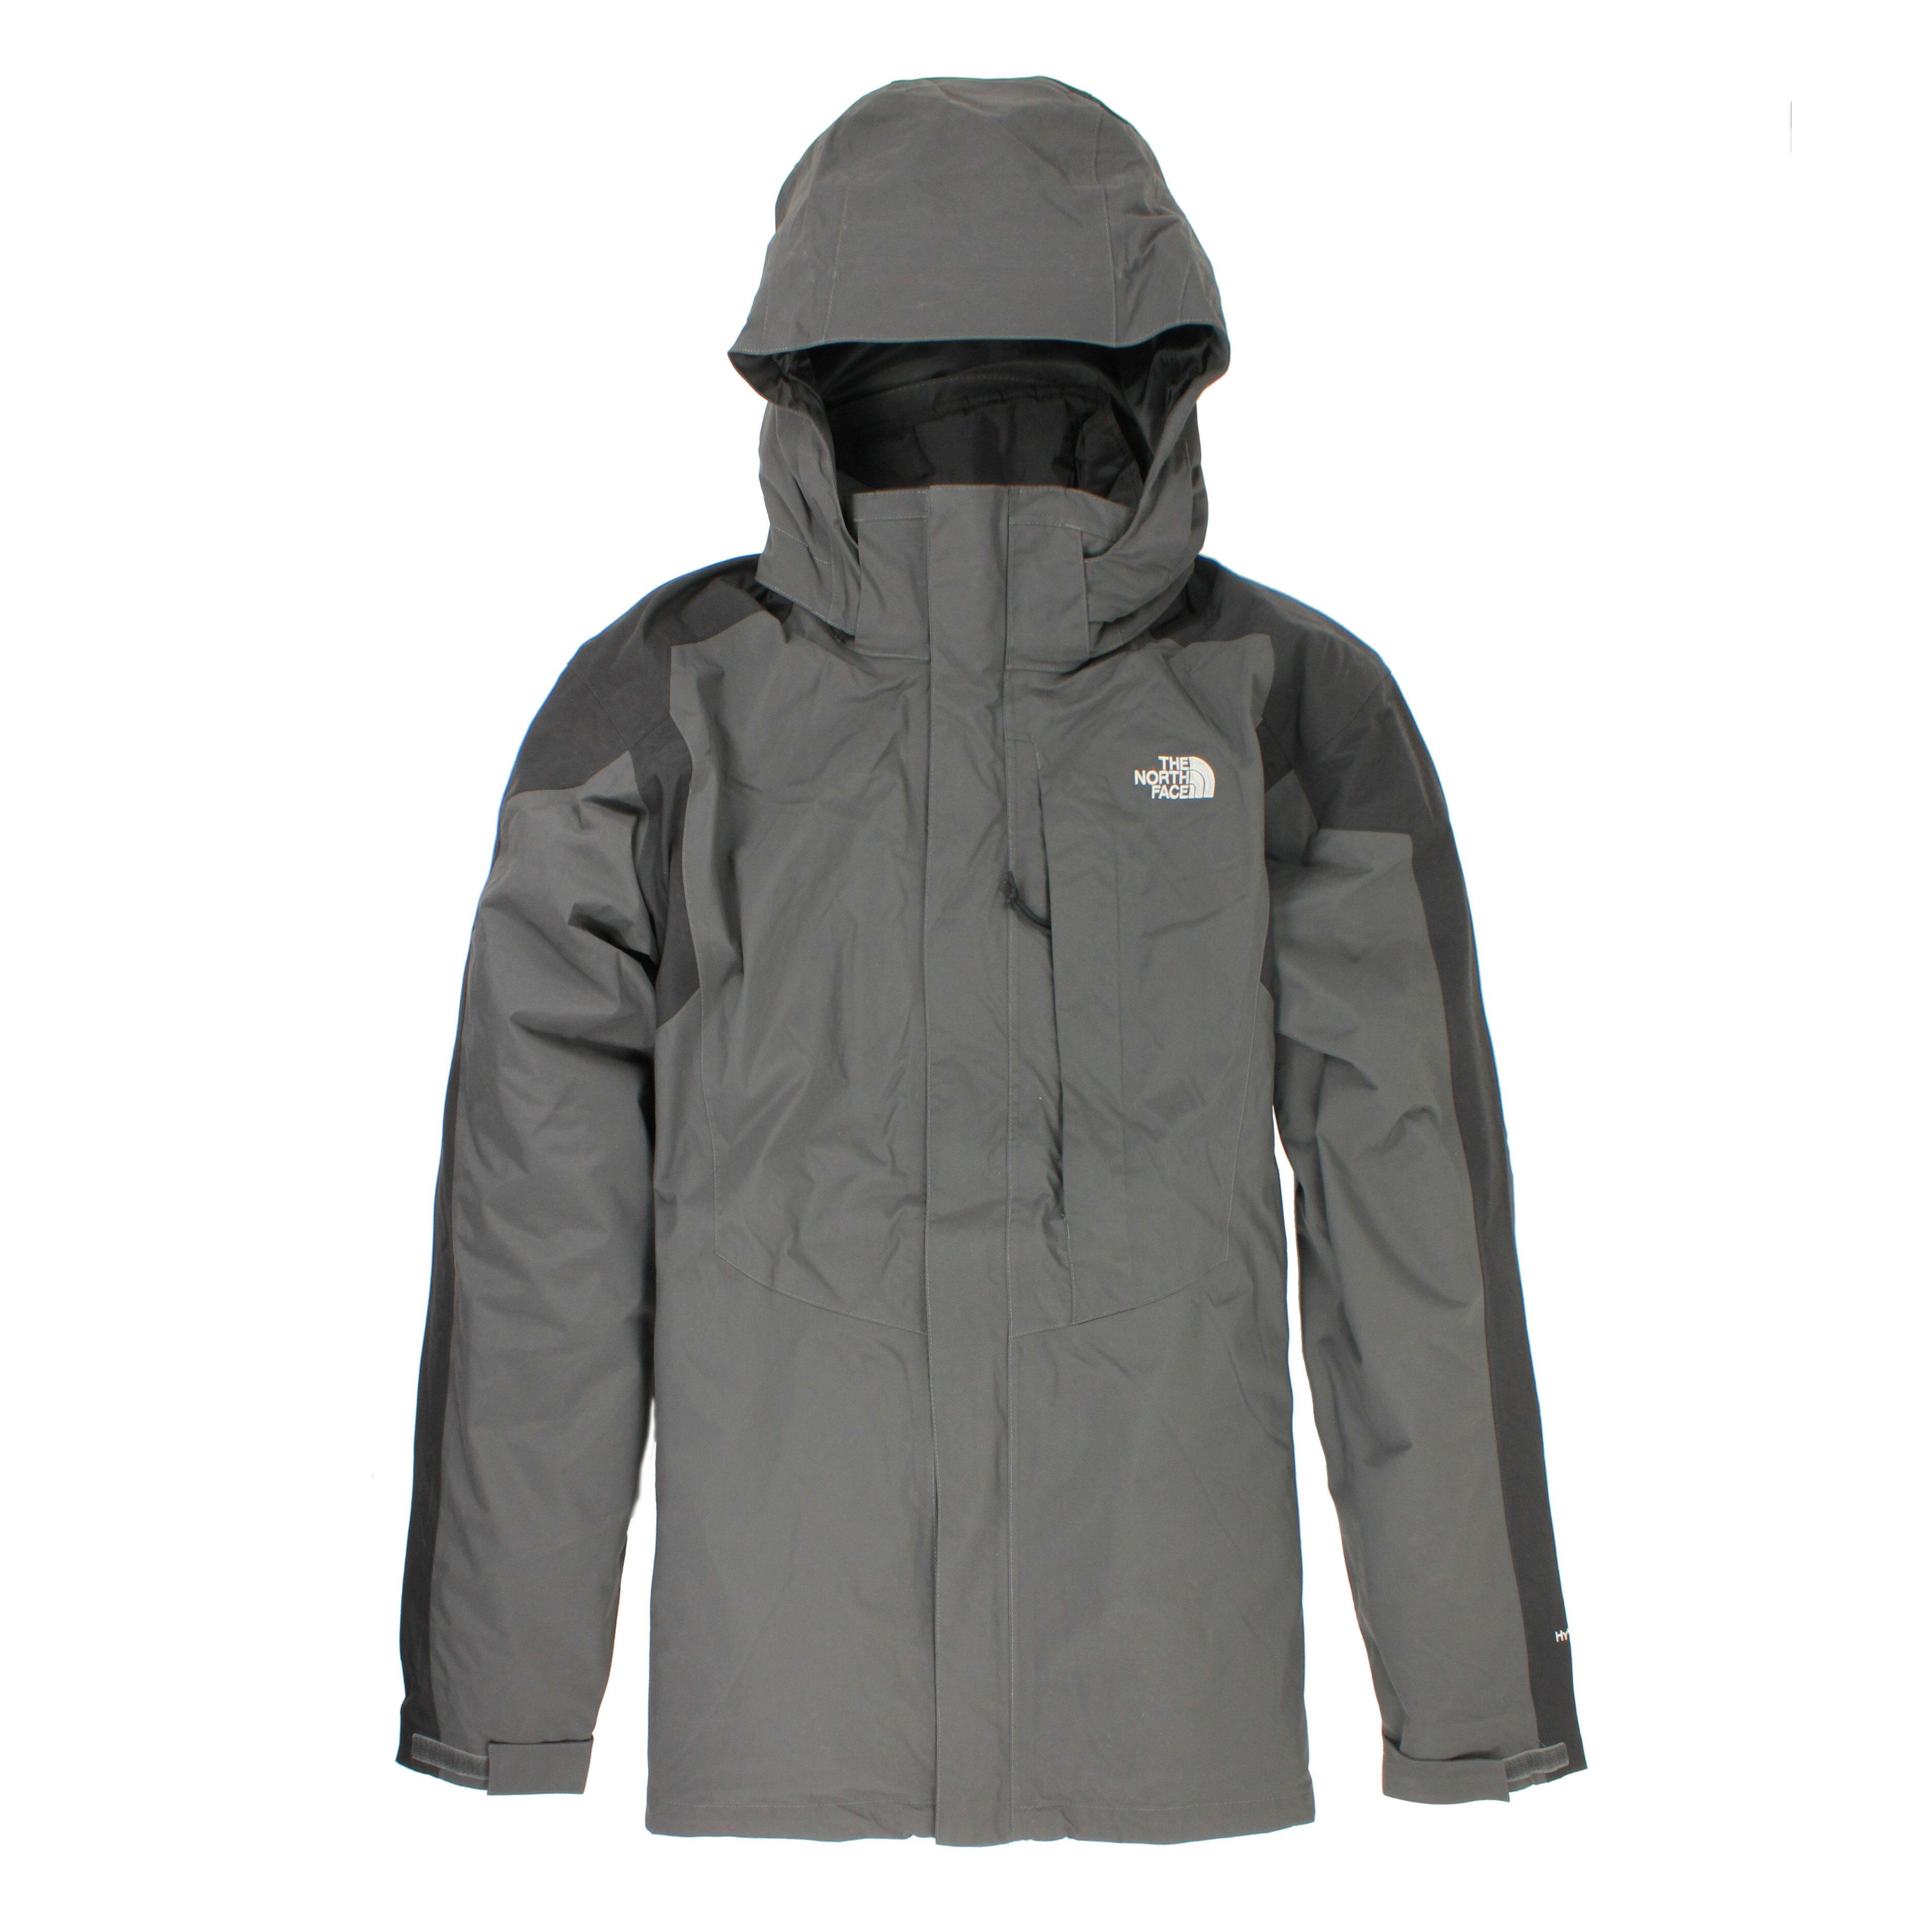 美國百分百【The North Face 】外套 TNF 夾克 防水 防風 保暖 北臉 兩件式 XL 灰黑 E291